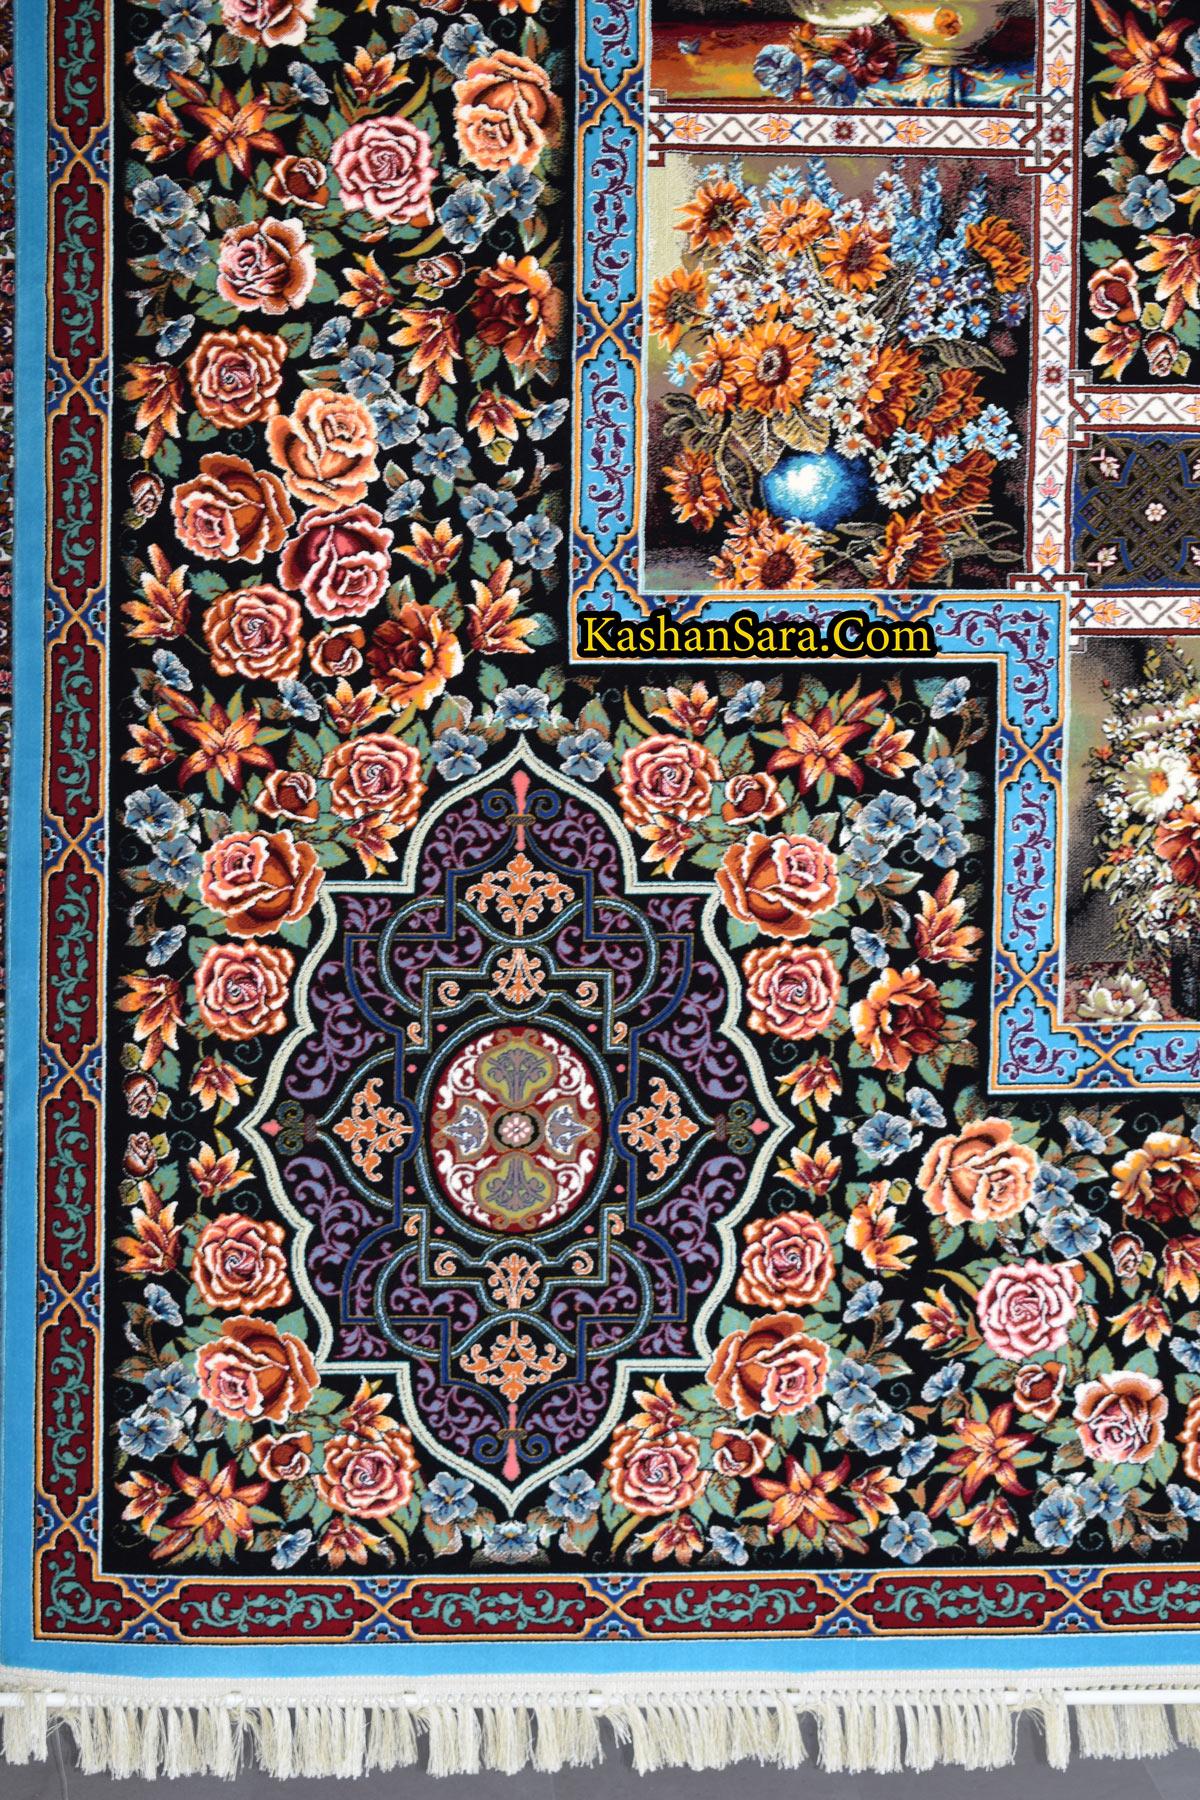 قیمت فرش ۱۰۰۰ شانه تراکم ۳۰۰۰ نقشه باغ ارم